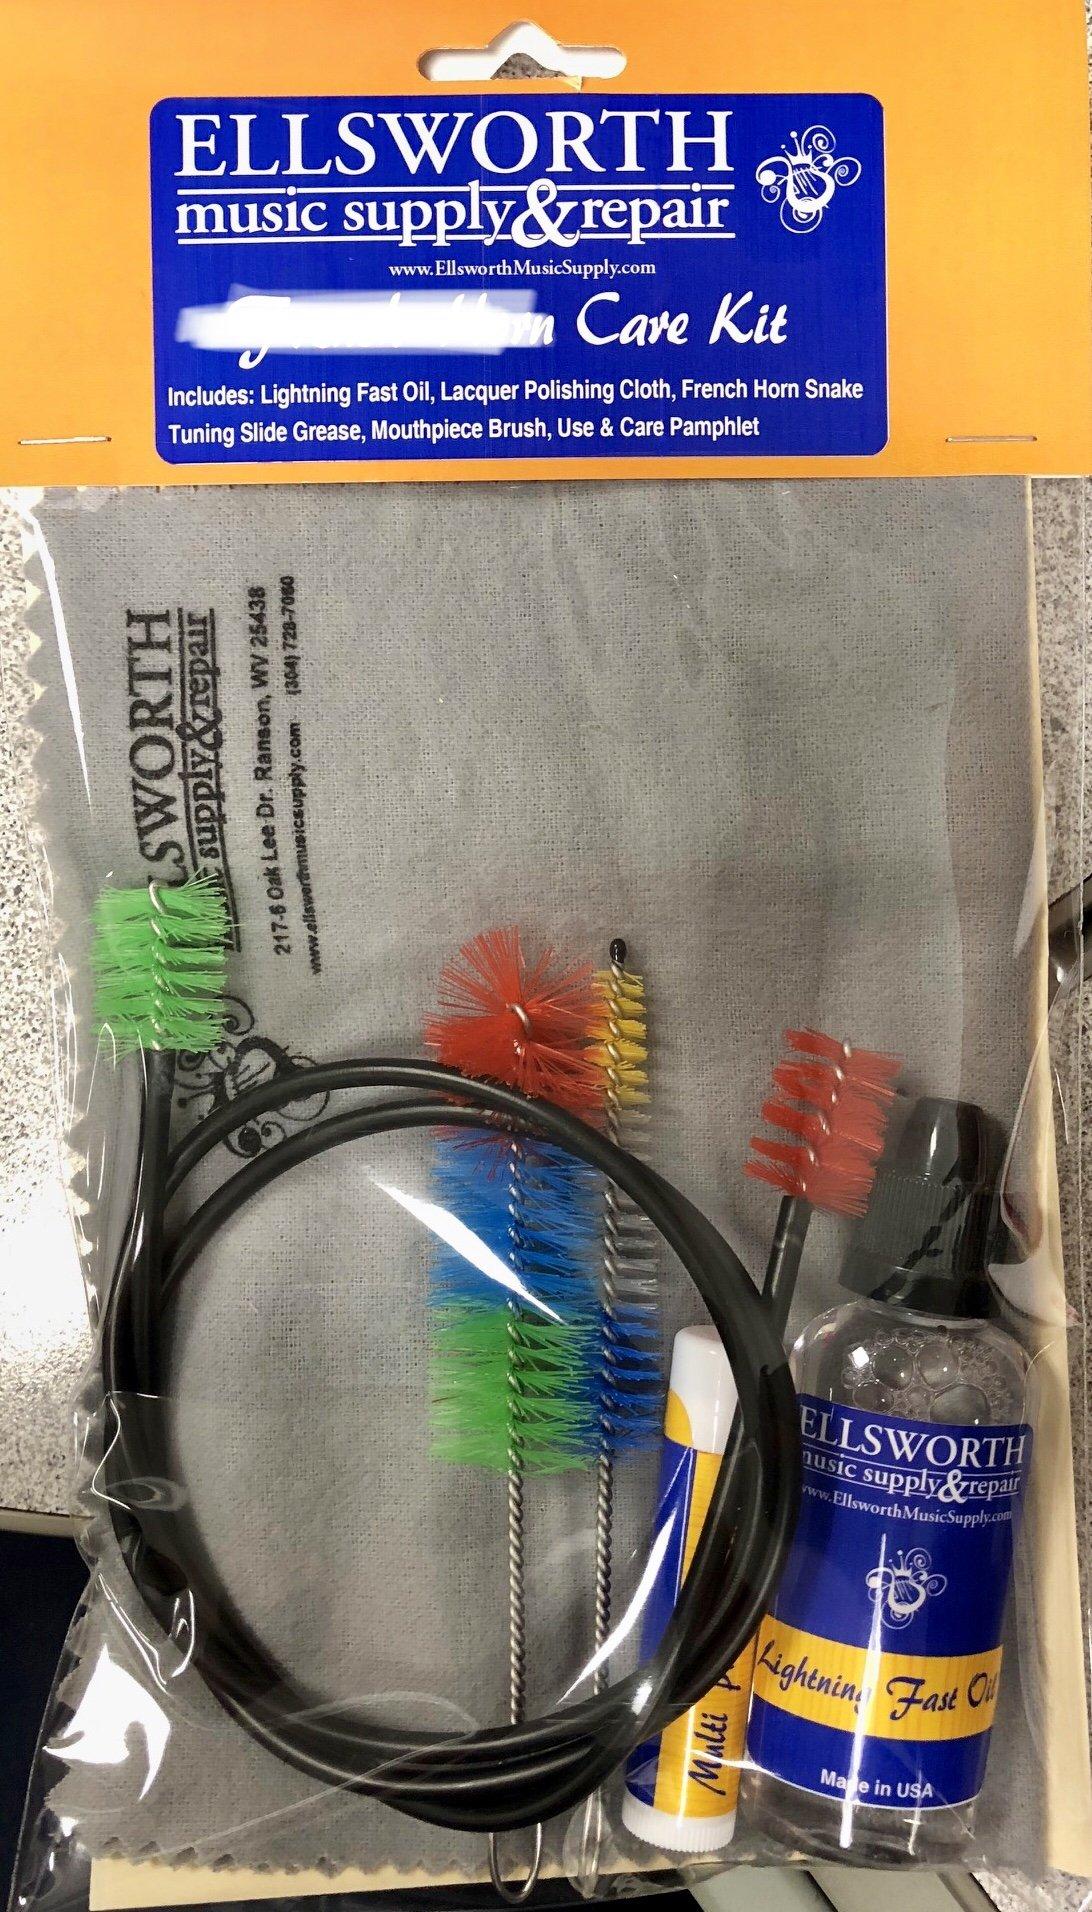 Ellsworth Care Kit - Flute